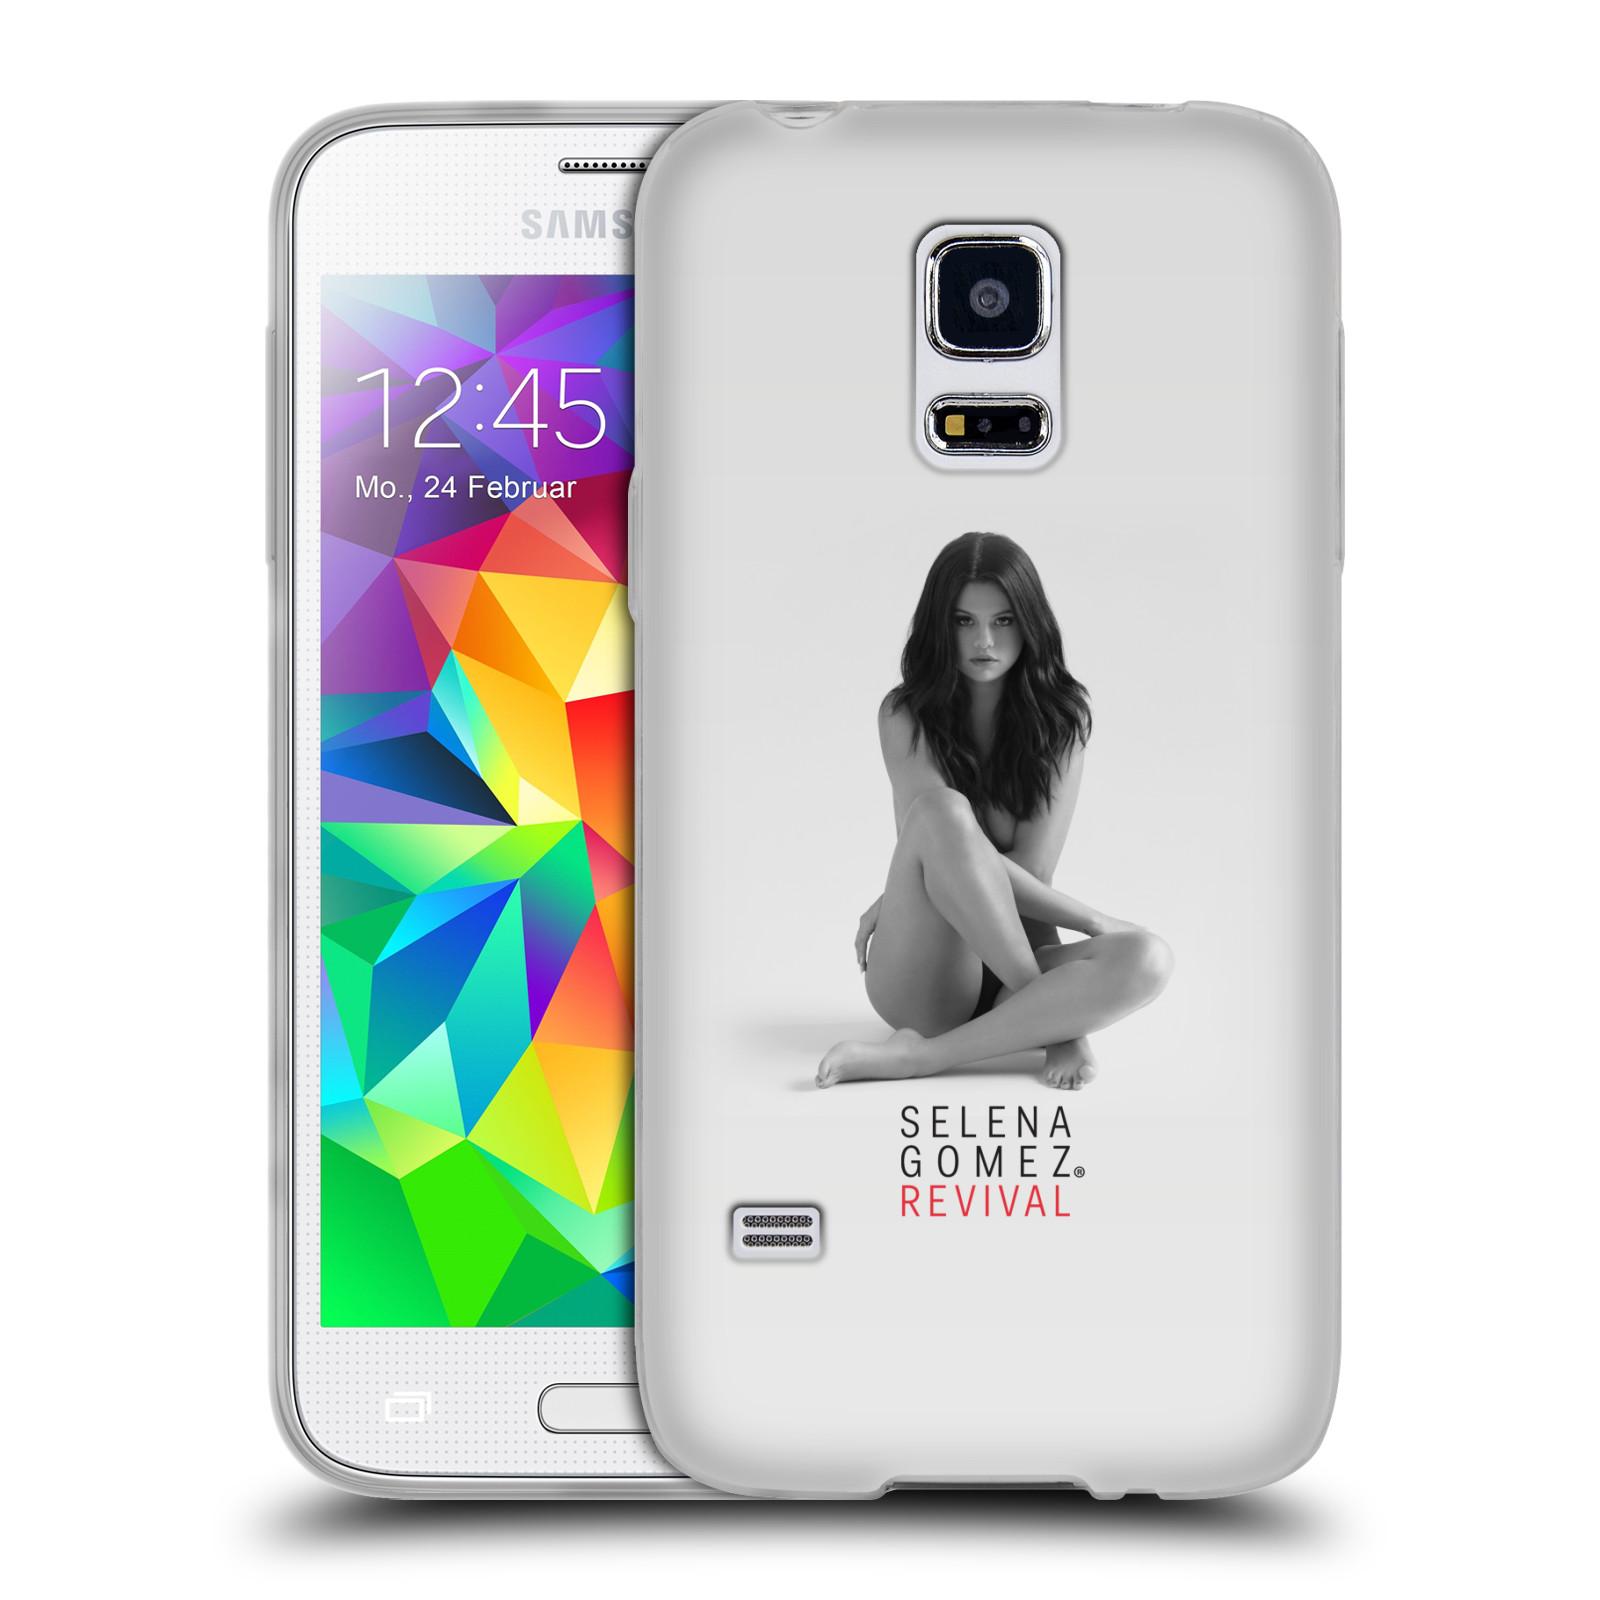 HEAD CASE silikonový obal na mobil Samsung Galaxy S5 MINI Zpěvačka Selena Gomez foto Revival